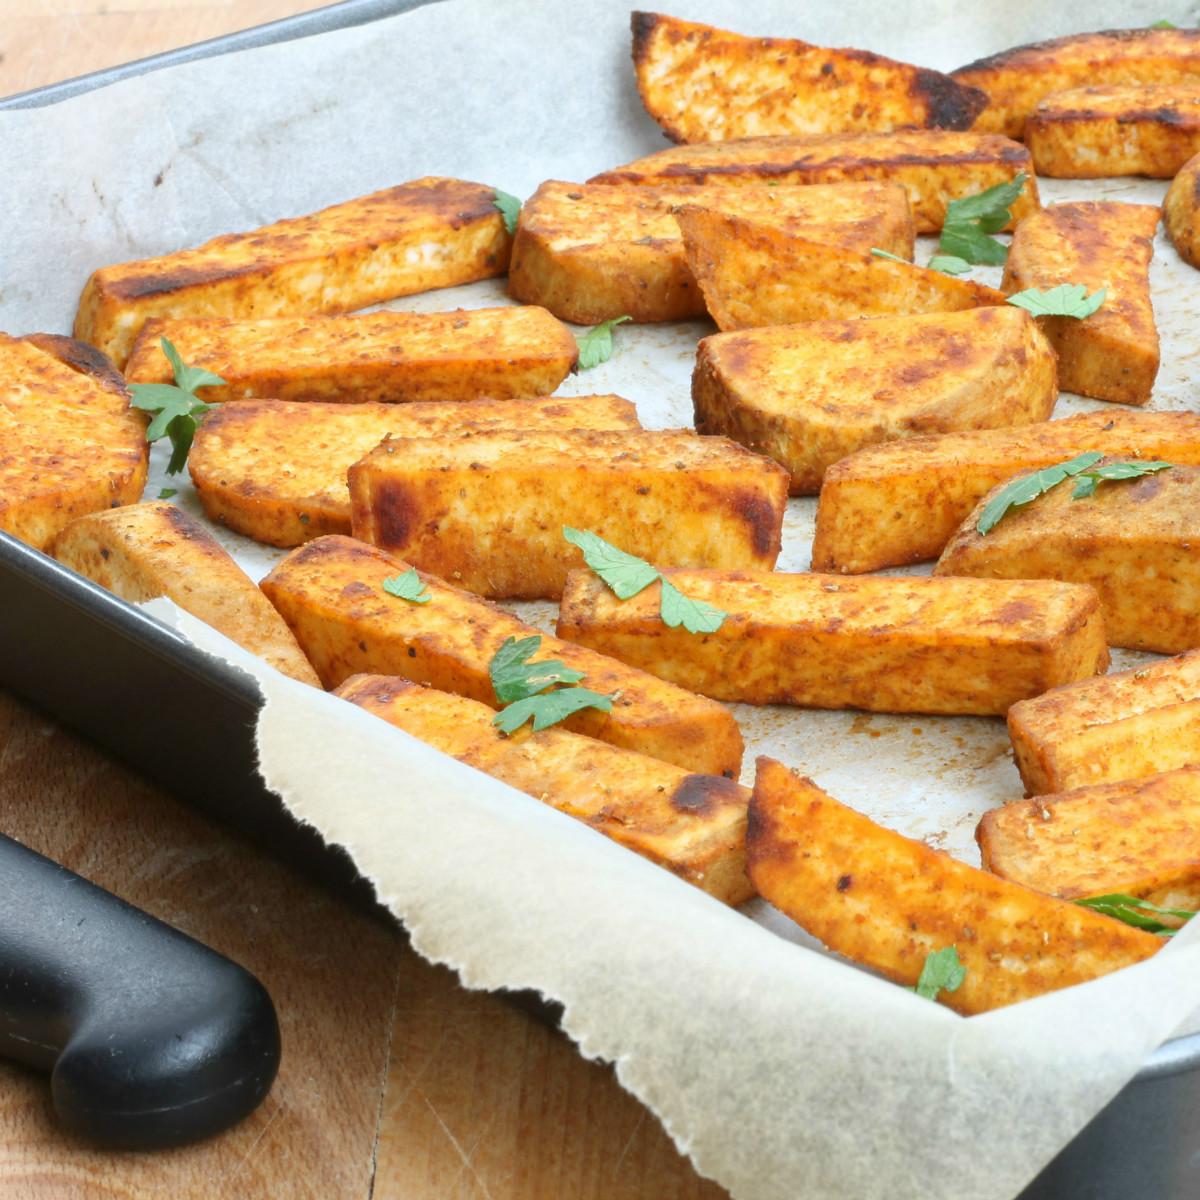 Indice delle ricette dolci ricette salate ricette salate clicca sulla torta di zucca e batata - Cucinare patate americane ...